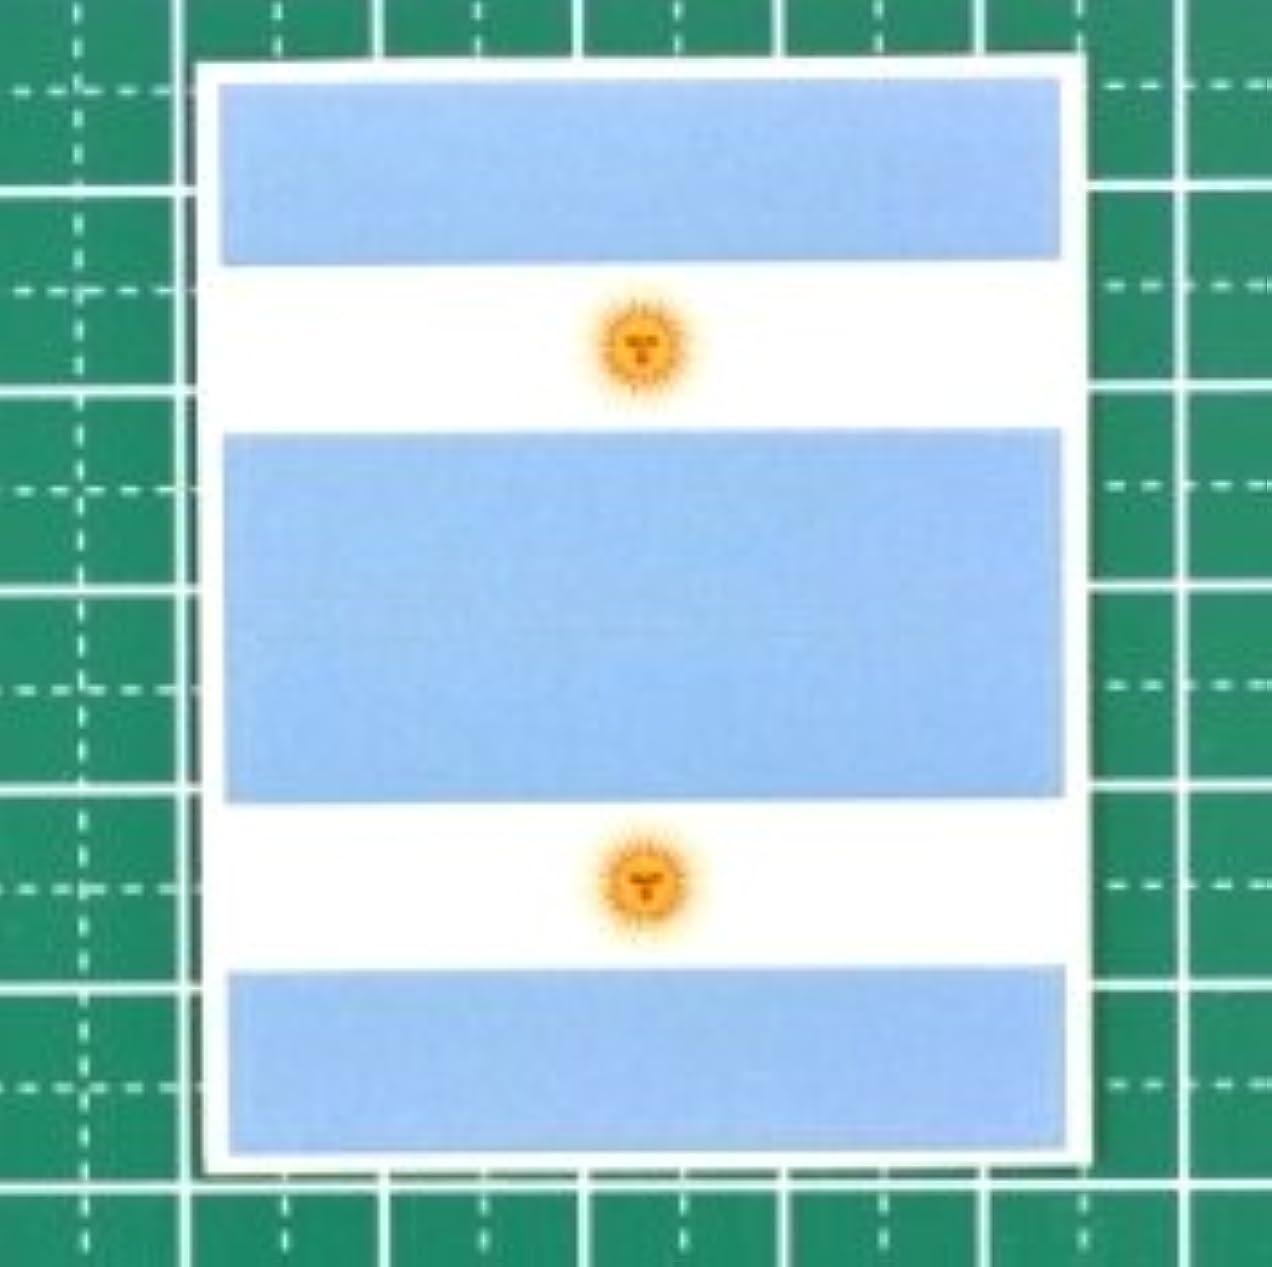 ナンセンスジャンプするメガロポリスアルゼンチン国旗★フェイスシール【ワールドカップ(サッカー)】/1シート2枚組